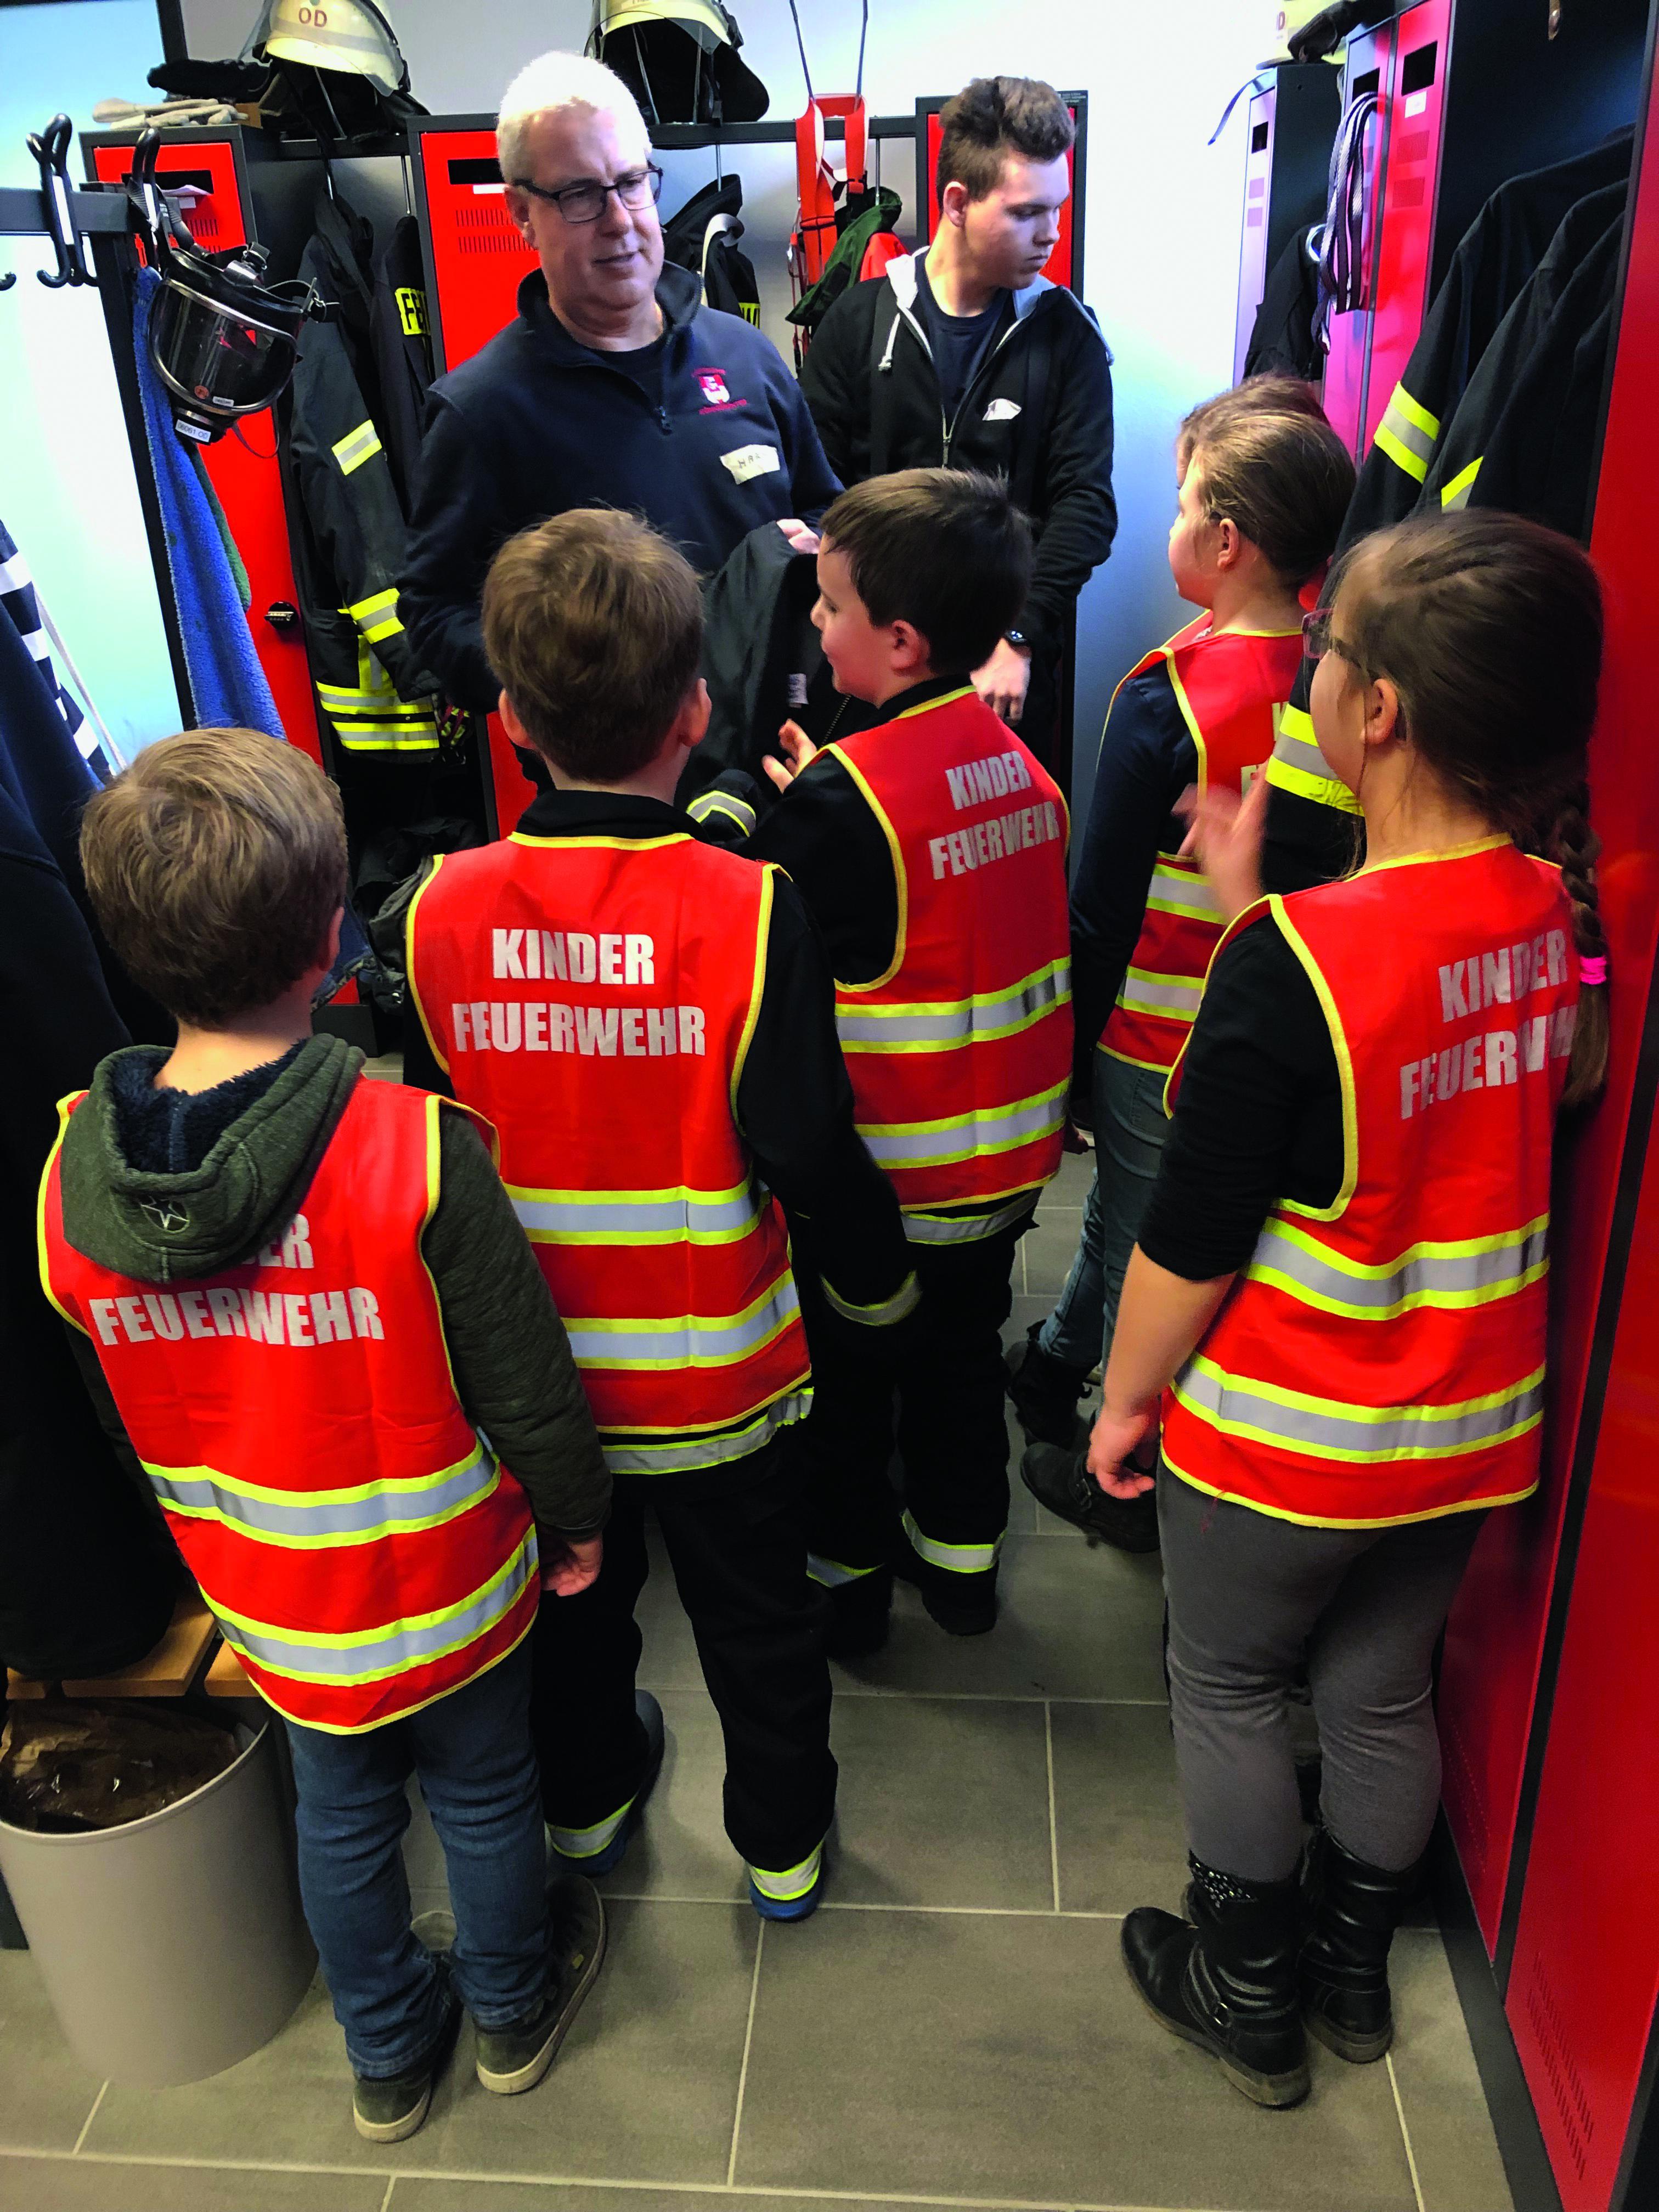 Feuerwehr bekommt neue Mitglieder in der Kinderfeuerwehr